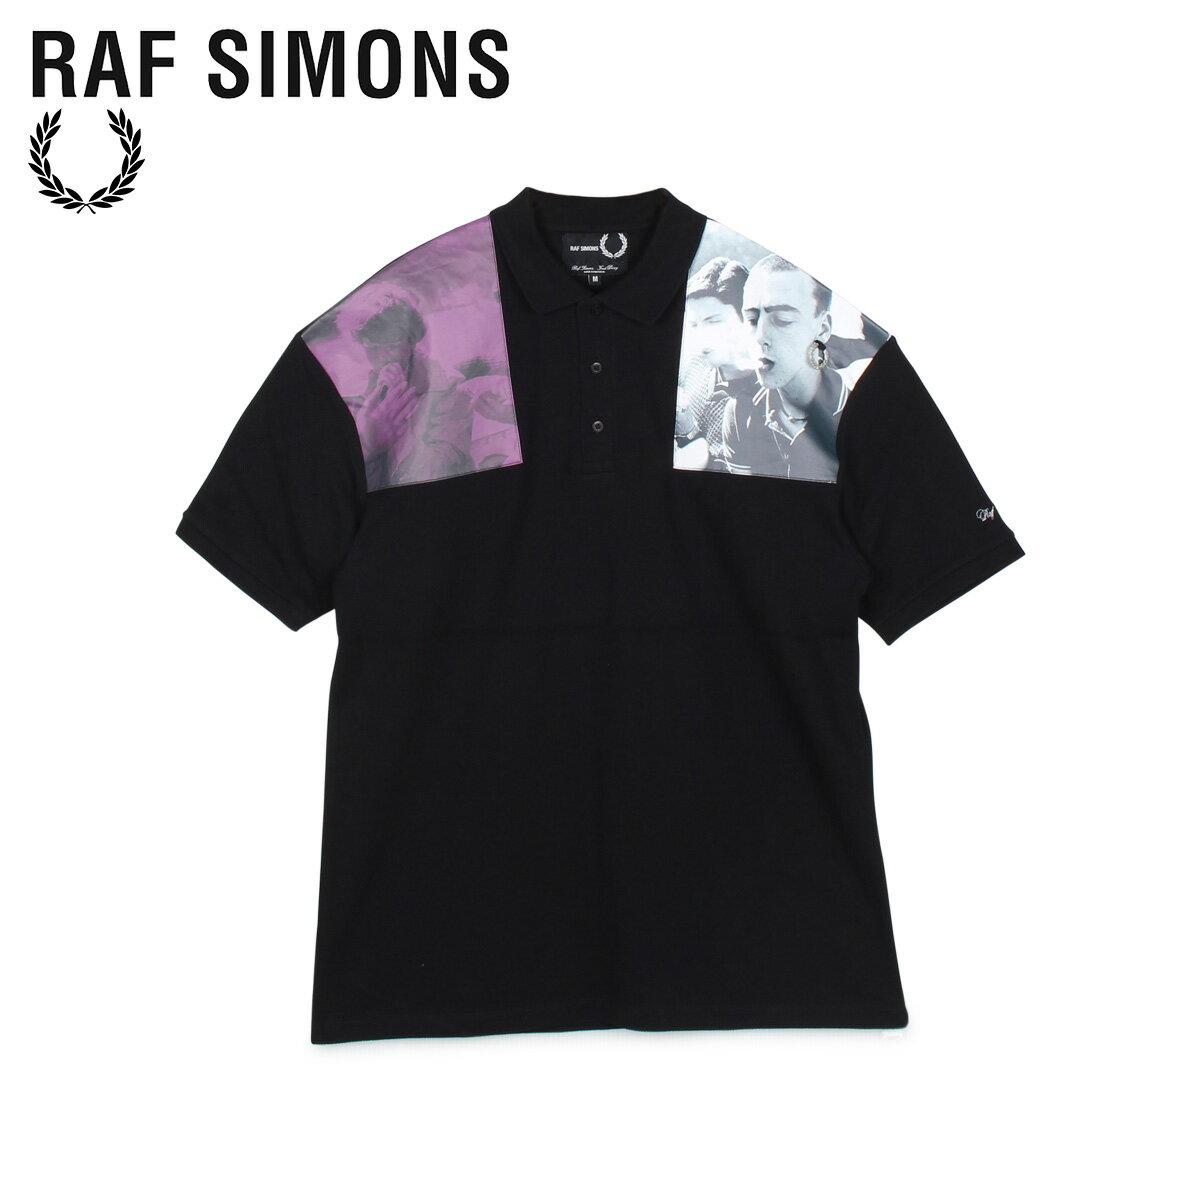 メンズウェア, ポロシャツ 1000OFF FRED PERRY RAF SIMONS PRINTED PATCH POLO SM8120